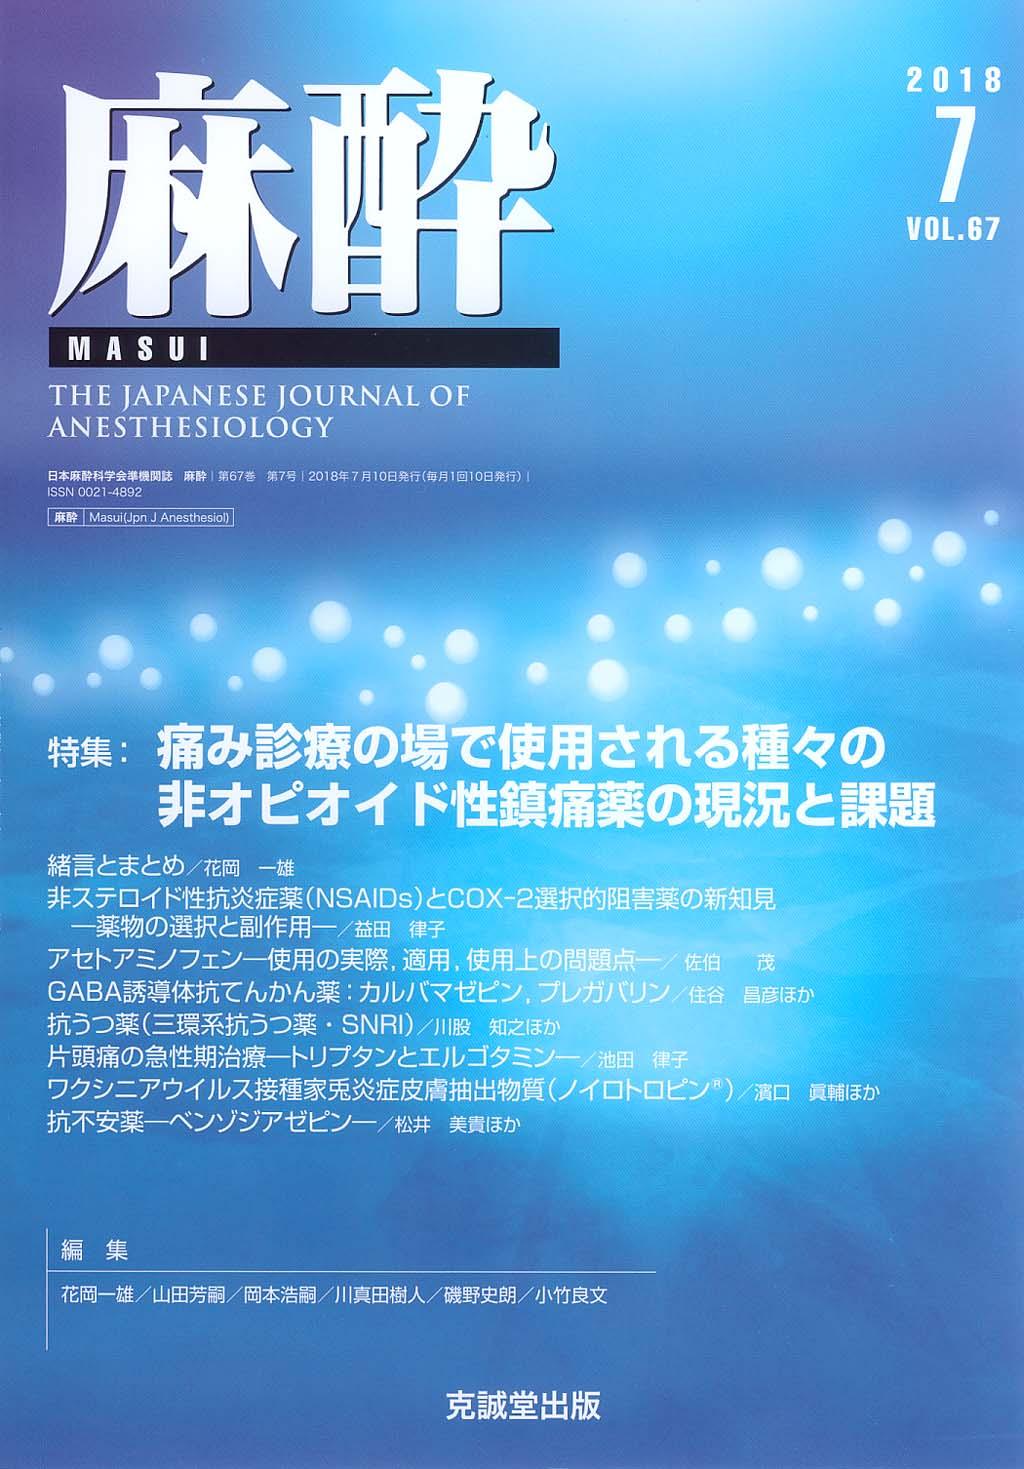 麻酔 第67巻第7号(2018年7月号)